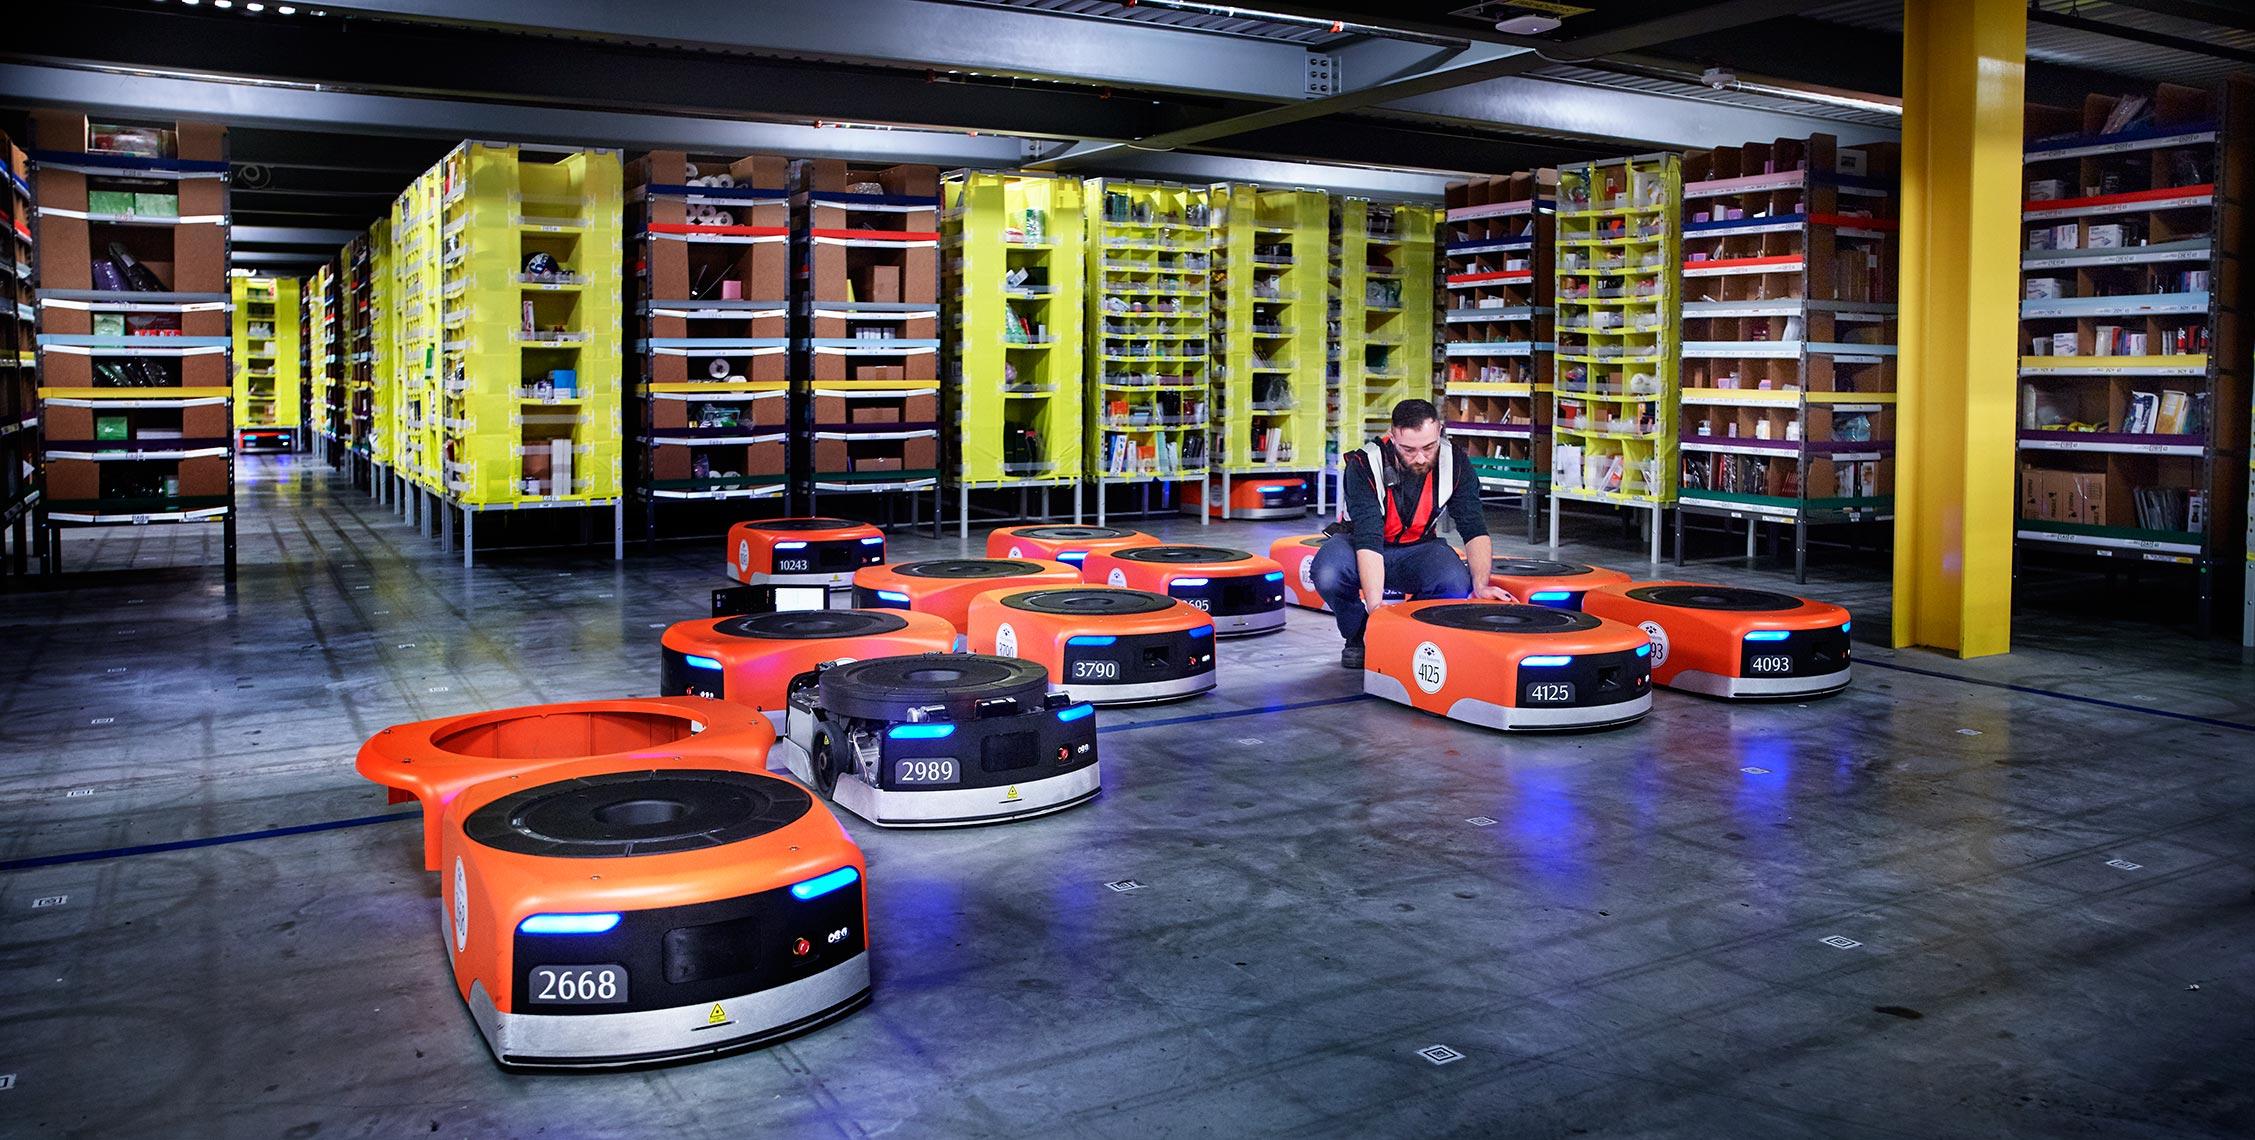 Amazon начала заменять менеджеров на роботов